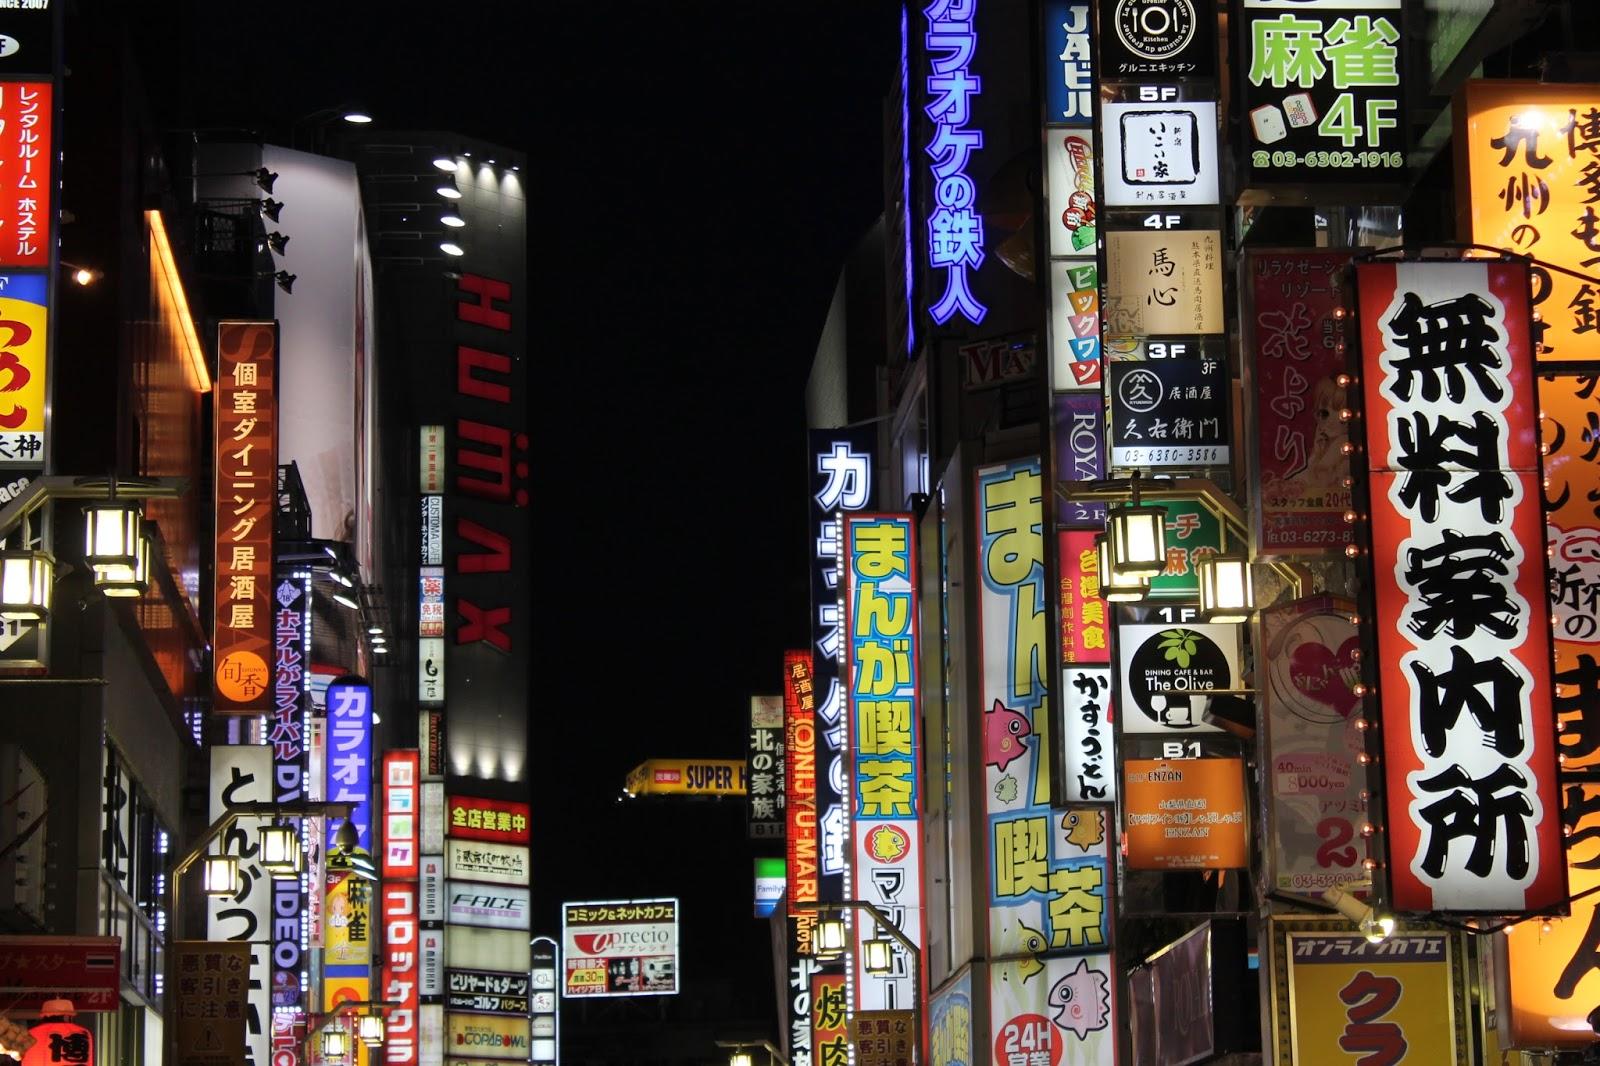 Leggendo qua e là prima di partire… Ma chi sono questi giapponesi?